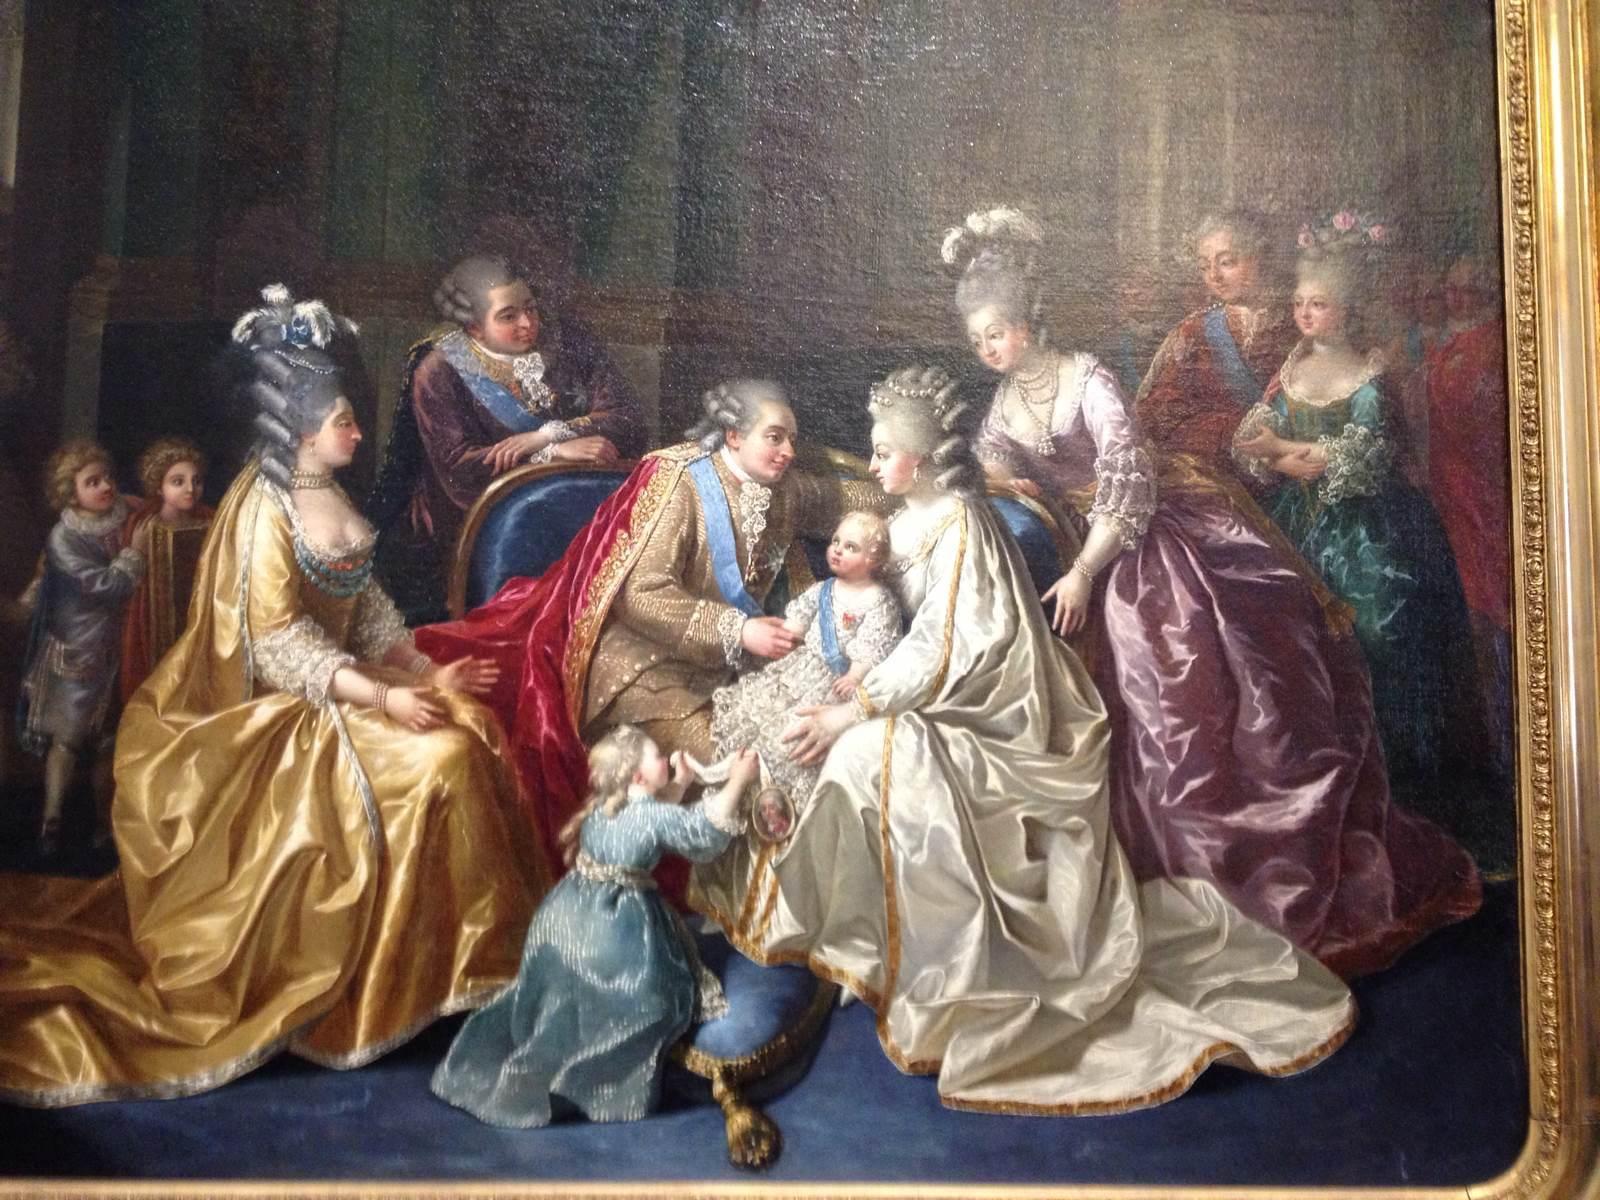 可怜的路易十六一家.都死于后来的大革命.